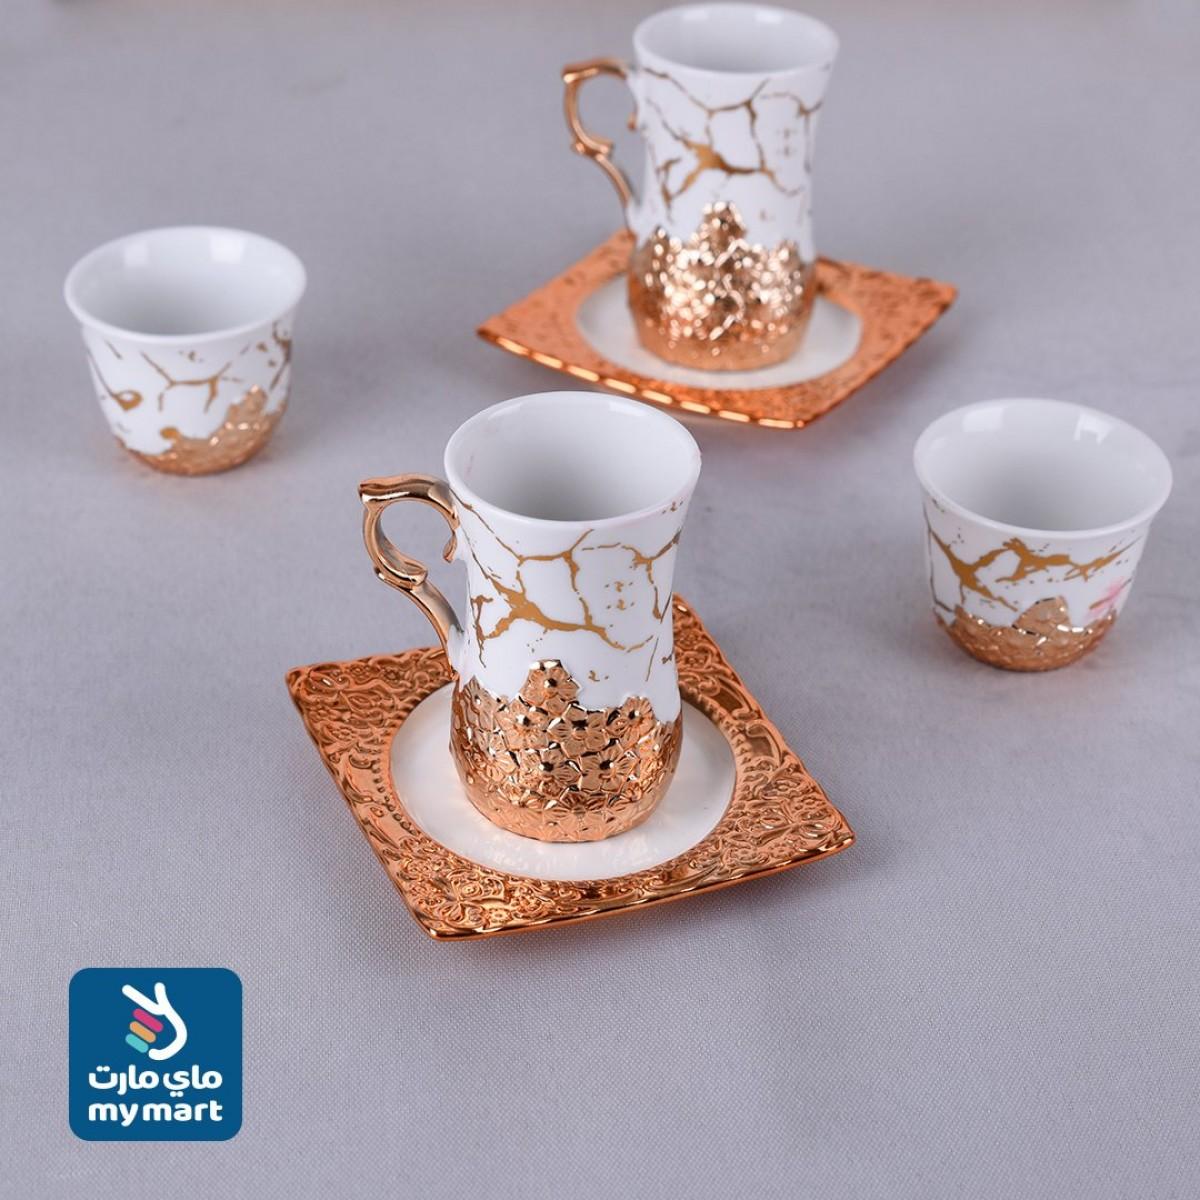 طقم  36 قطعة ,فناجين قهوة وبيالات شاي مع الصحون  رقم 50330